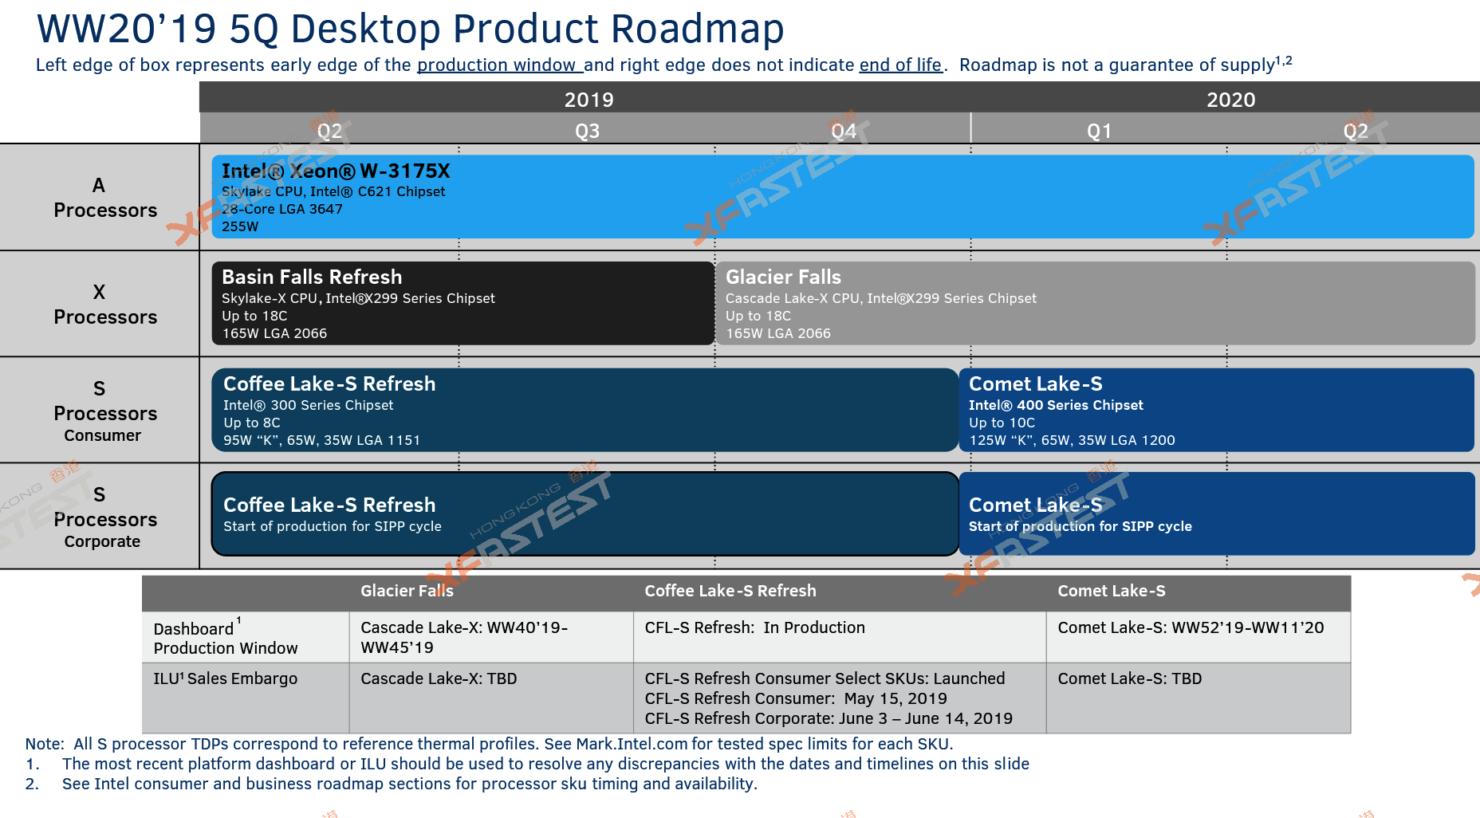 Hoja de ruta de Intel de cara a 2019 y 2020